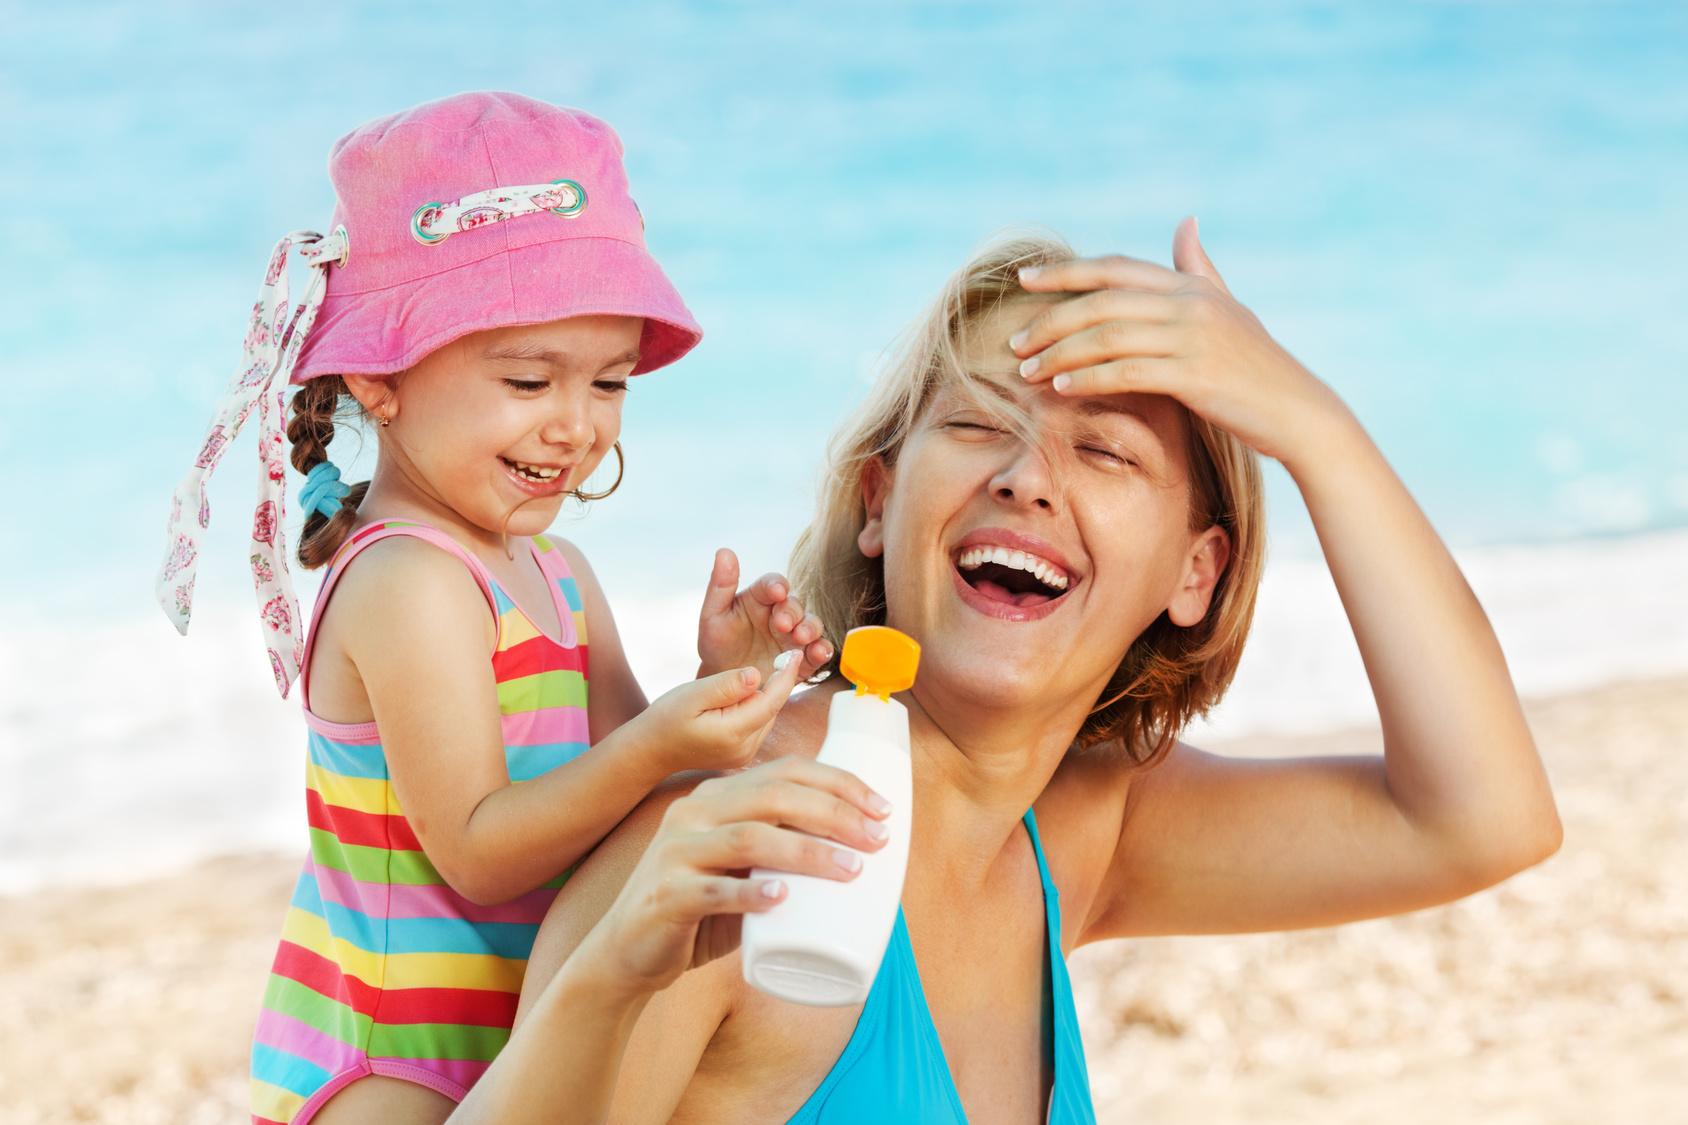 Efficacité des crèmes solaires, une mise au point nécessaire !